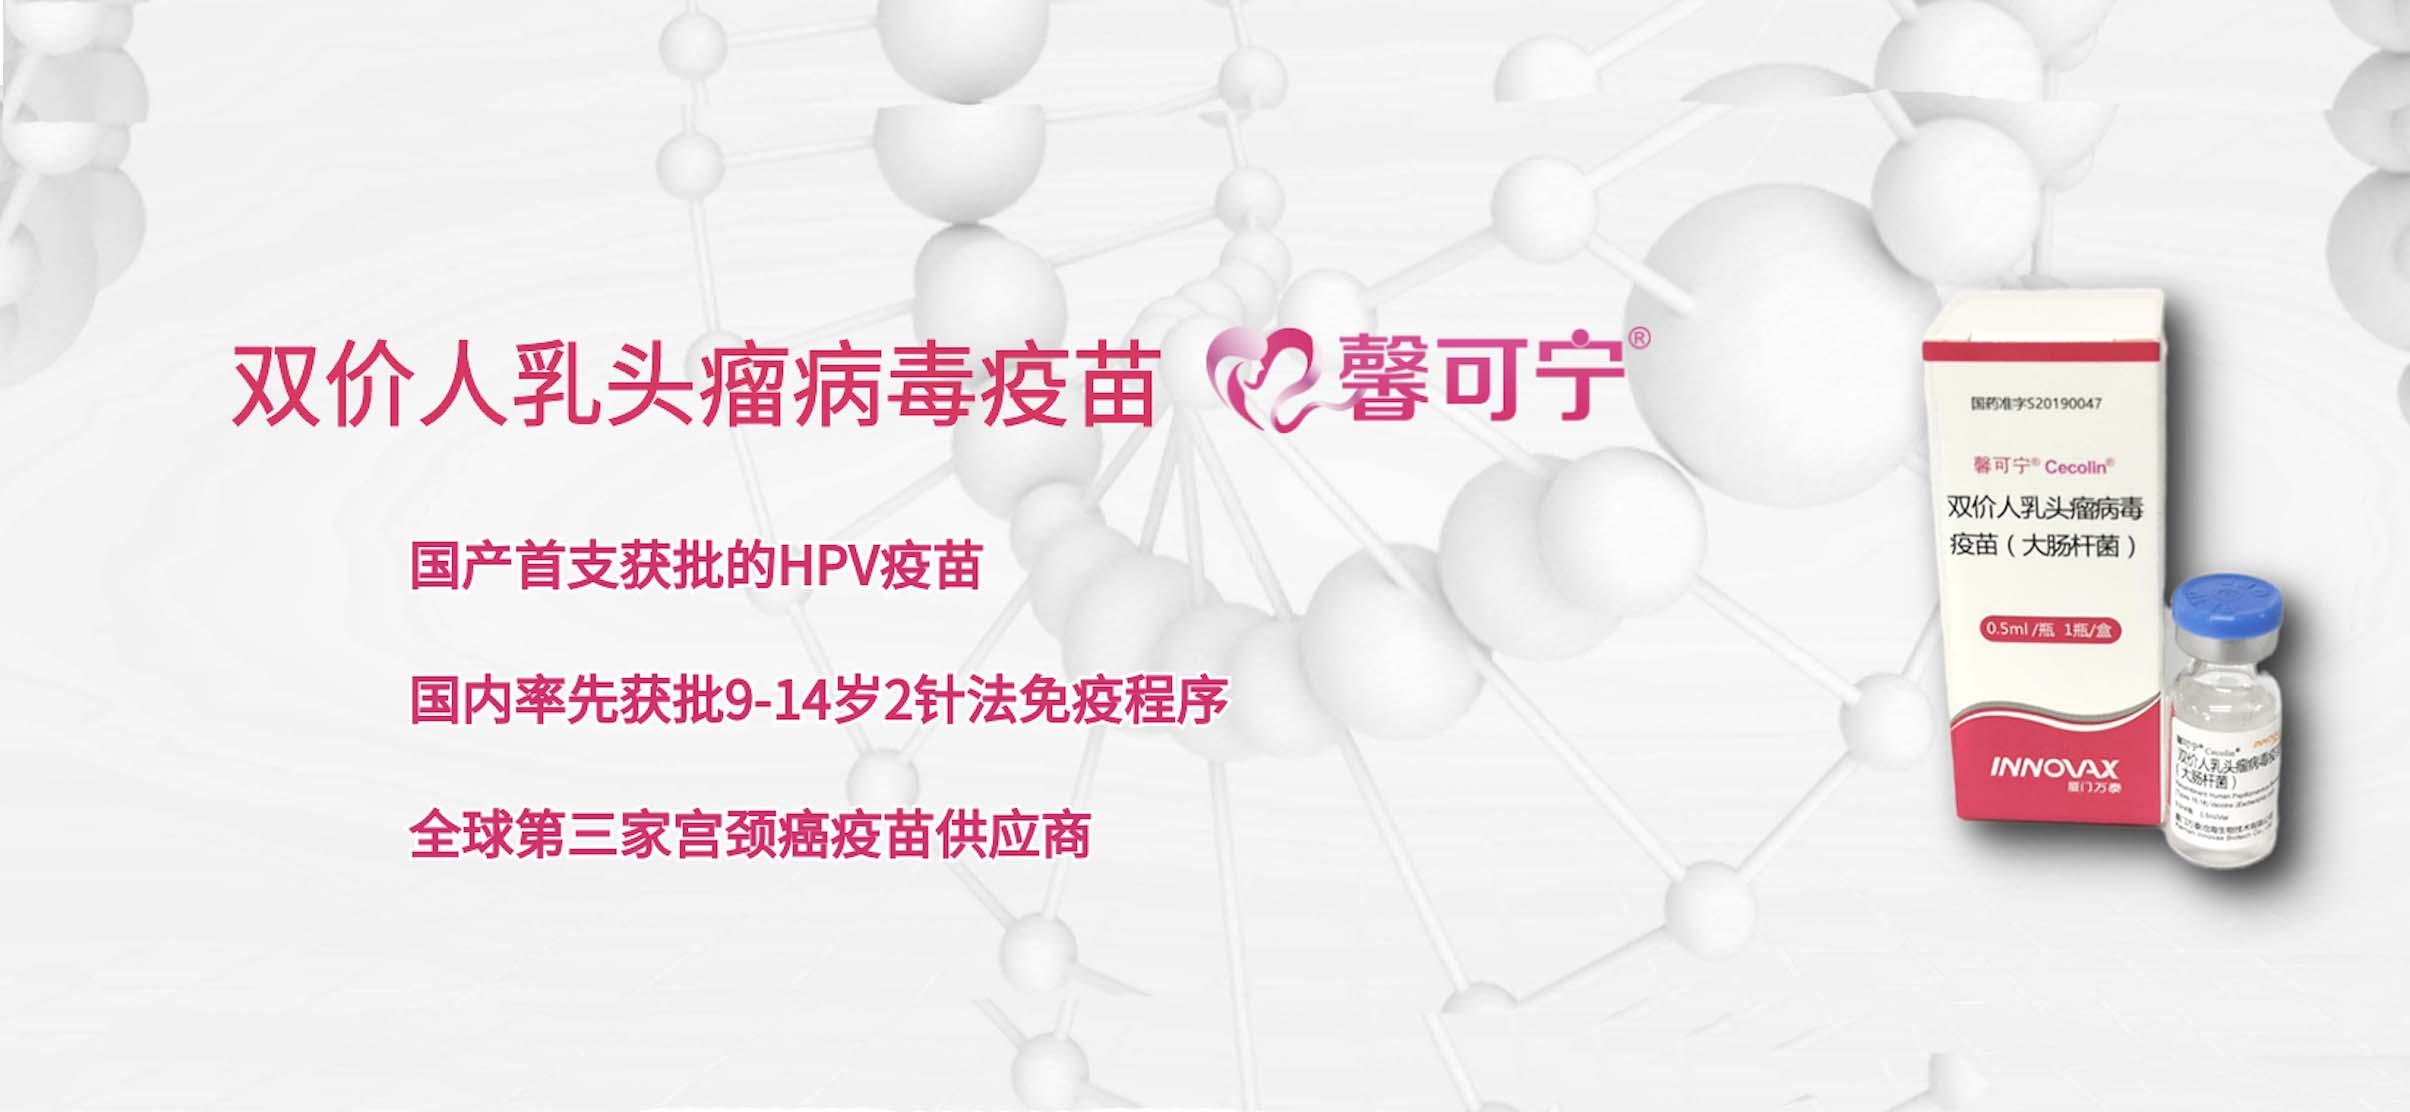 国产首支获批的宫颈癌疫苗是由厦门这家企业参与研制而成